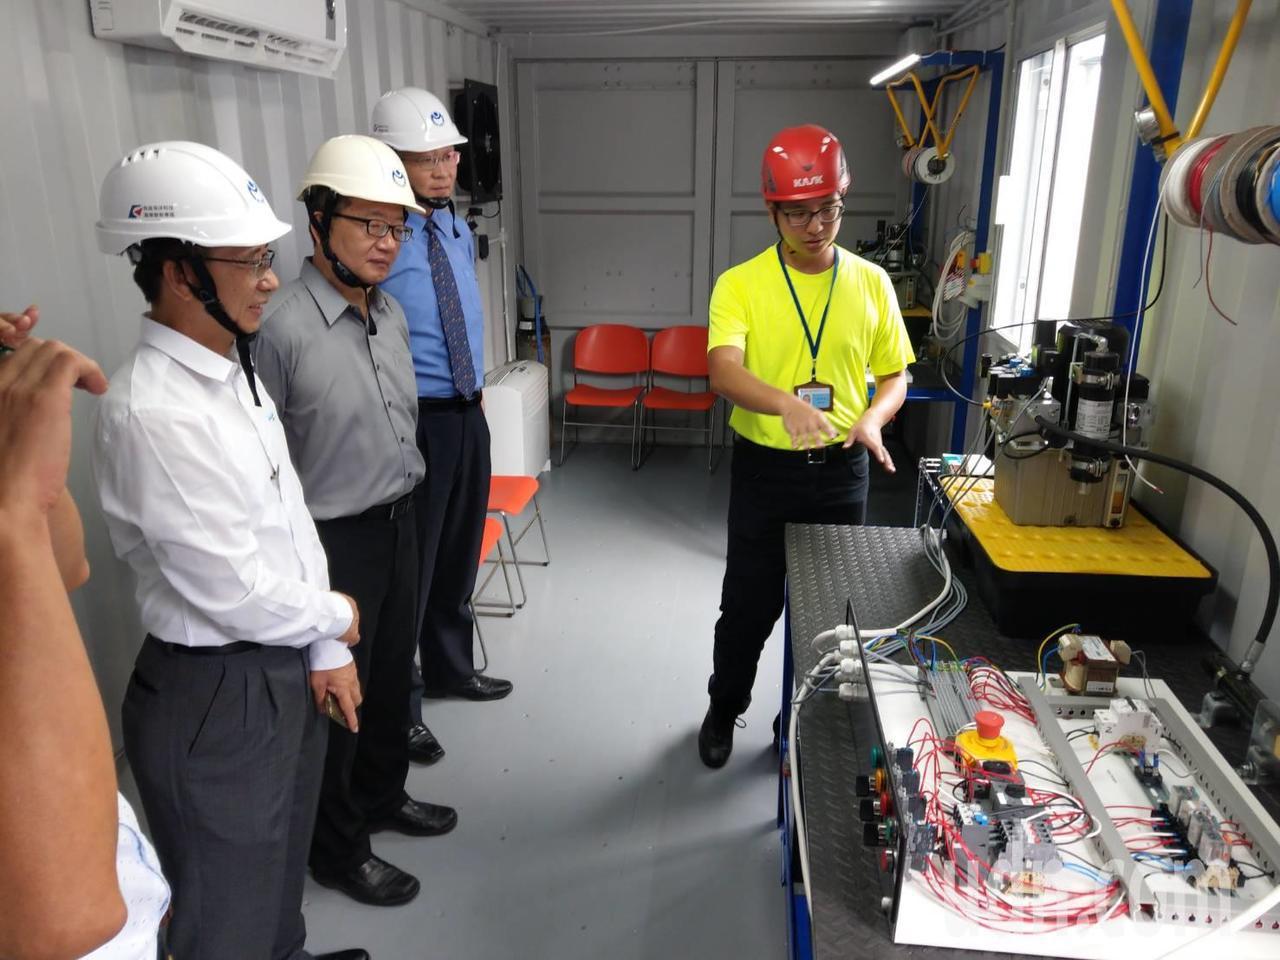 位於金屬中心的移動式訓練基地為暫時性訓練場址,位於興達港的海洋科技工程人才培訓及...